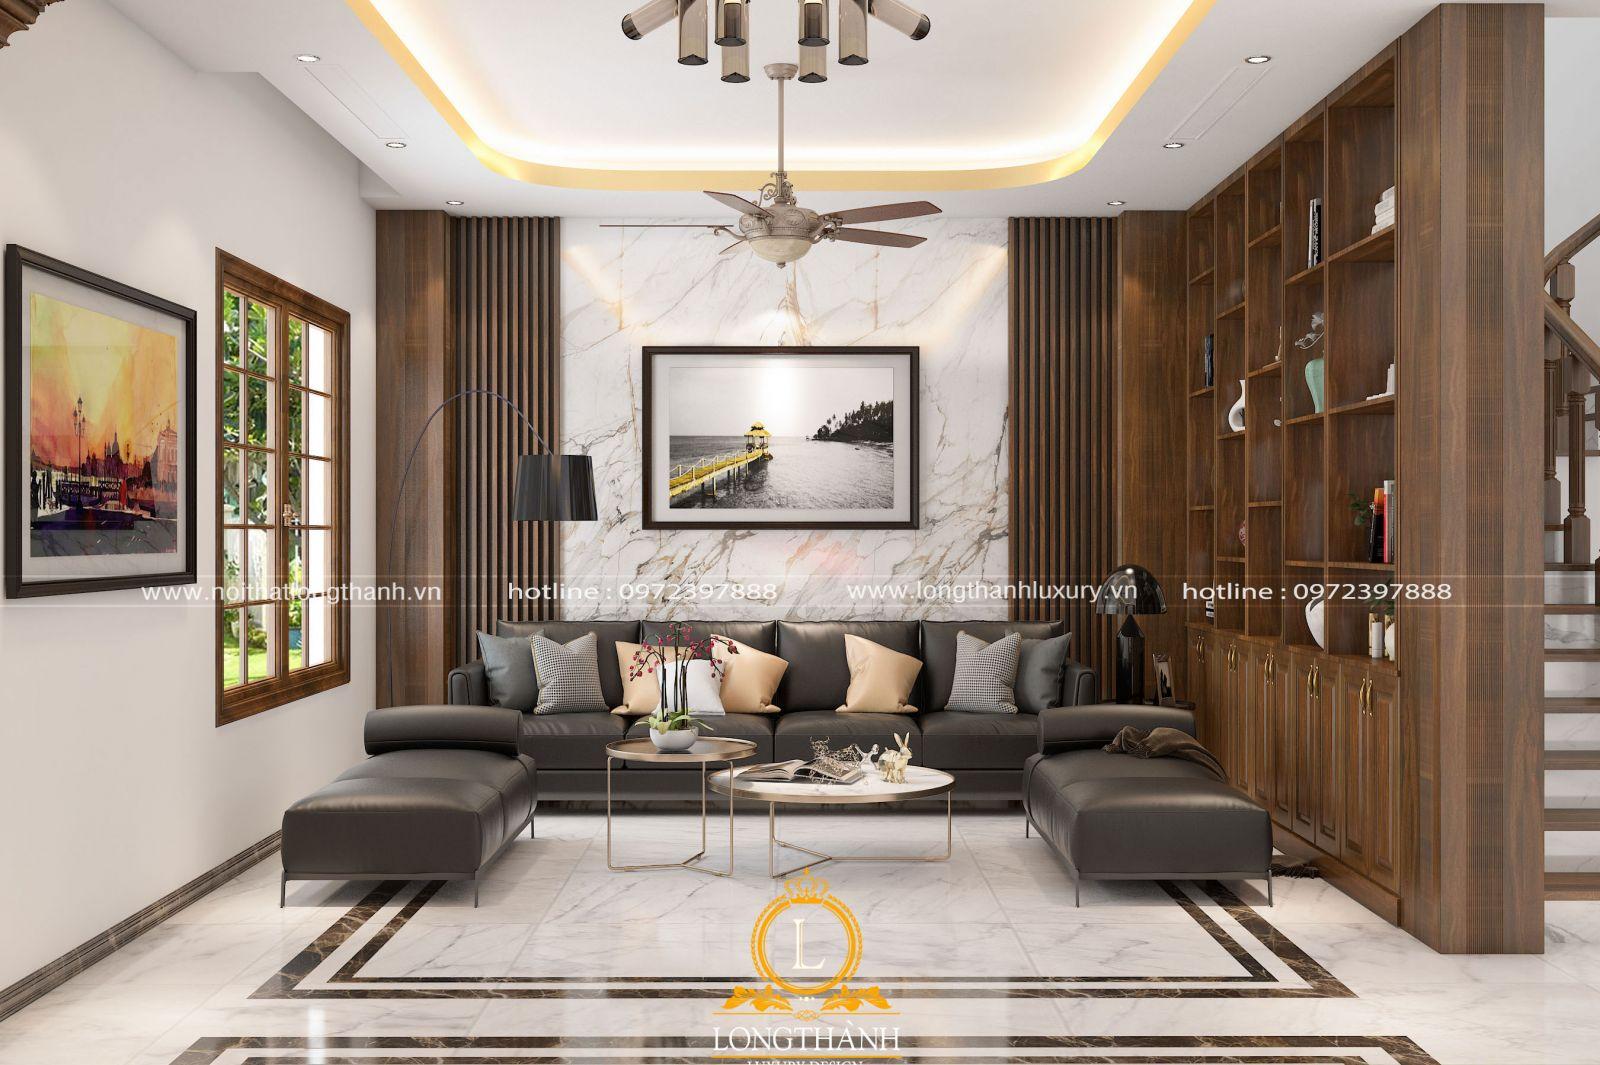 Bộ sofa sang trọng cho phòng khách biệt thự